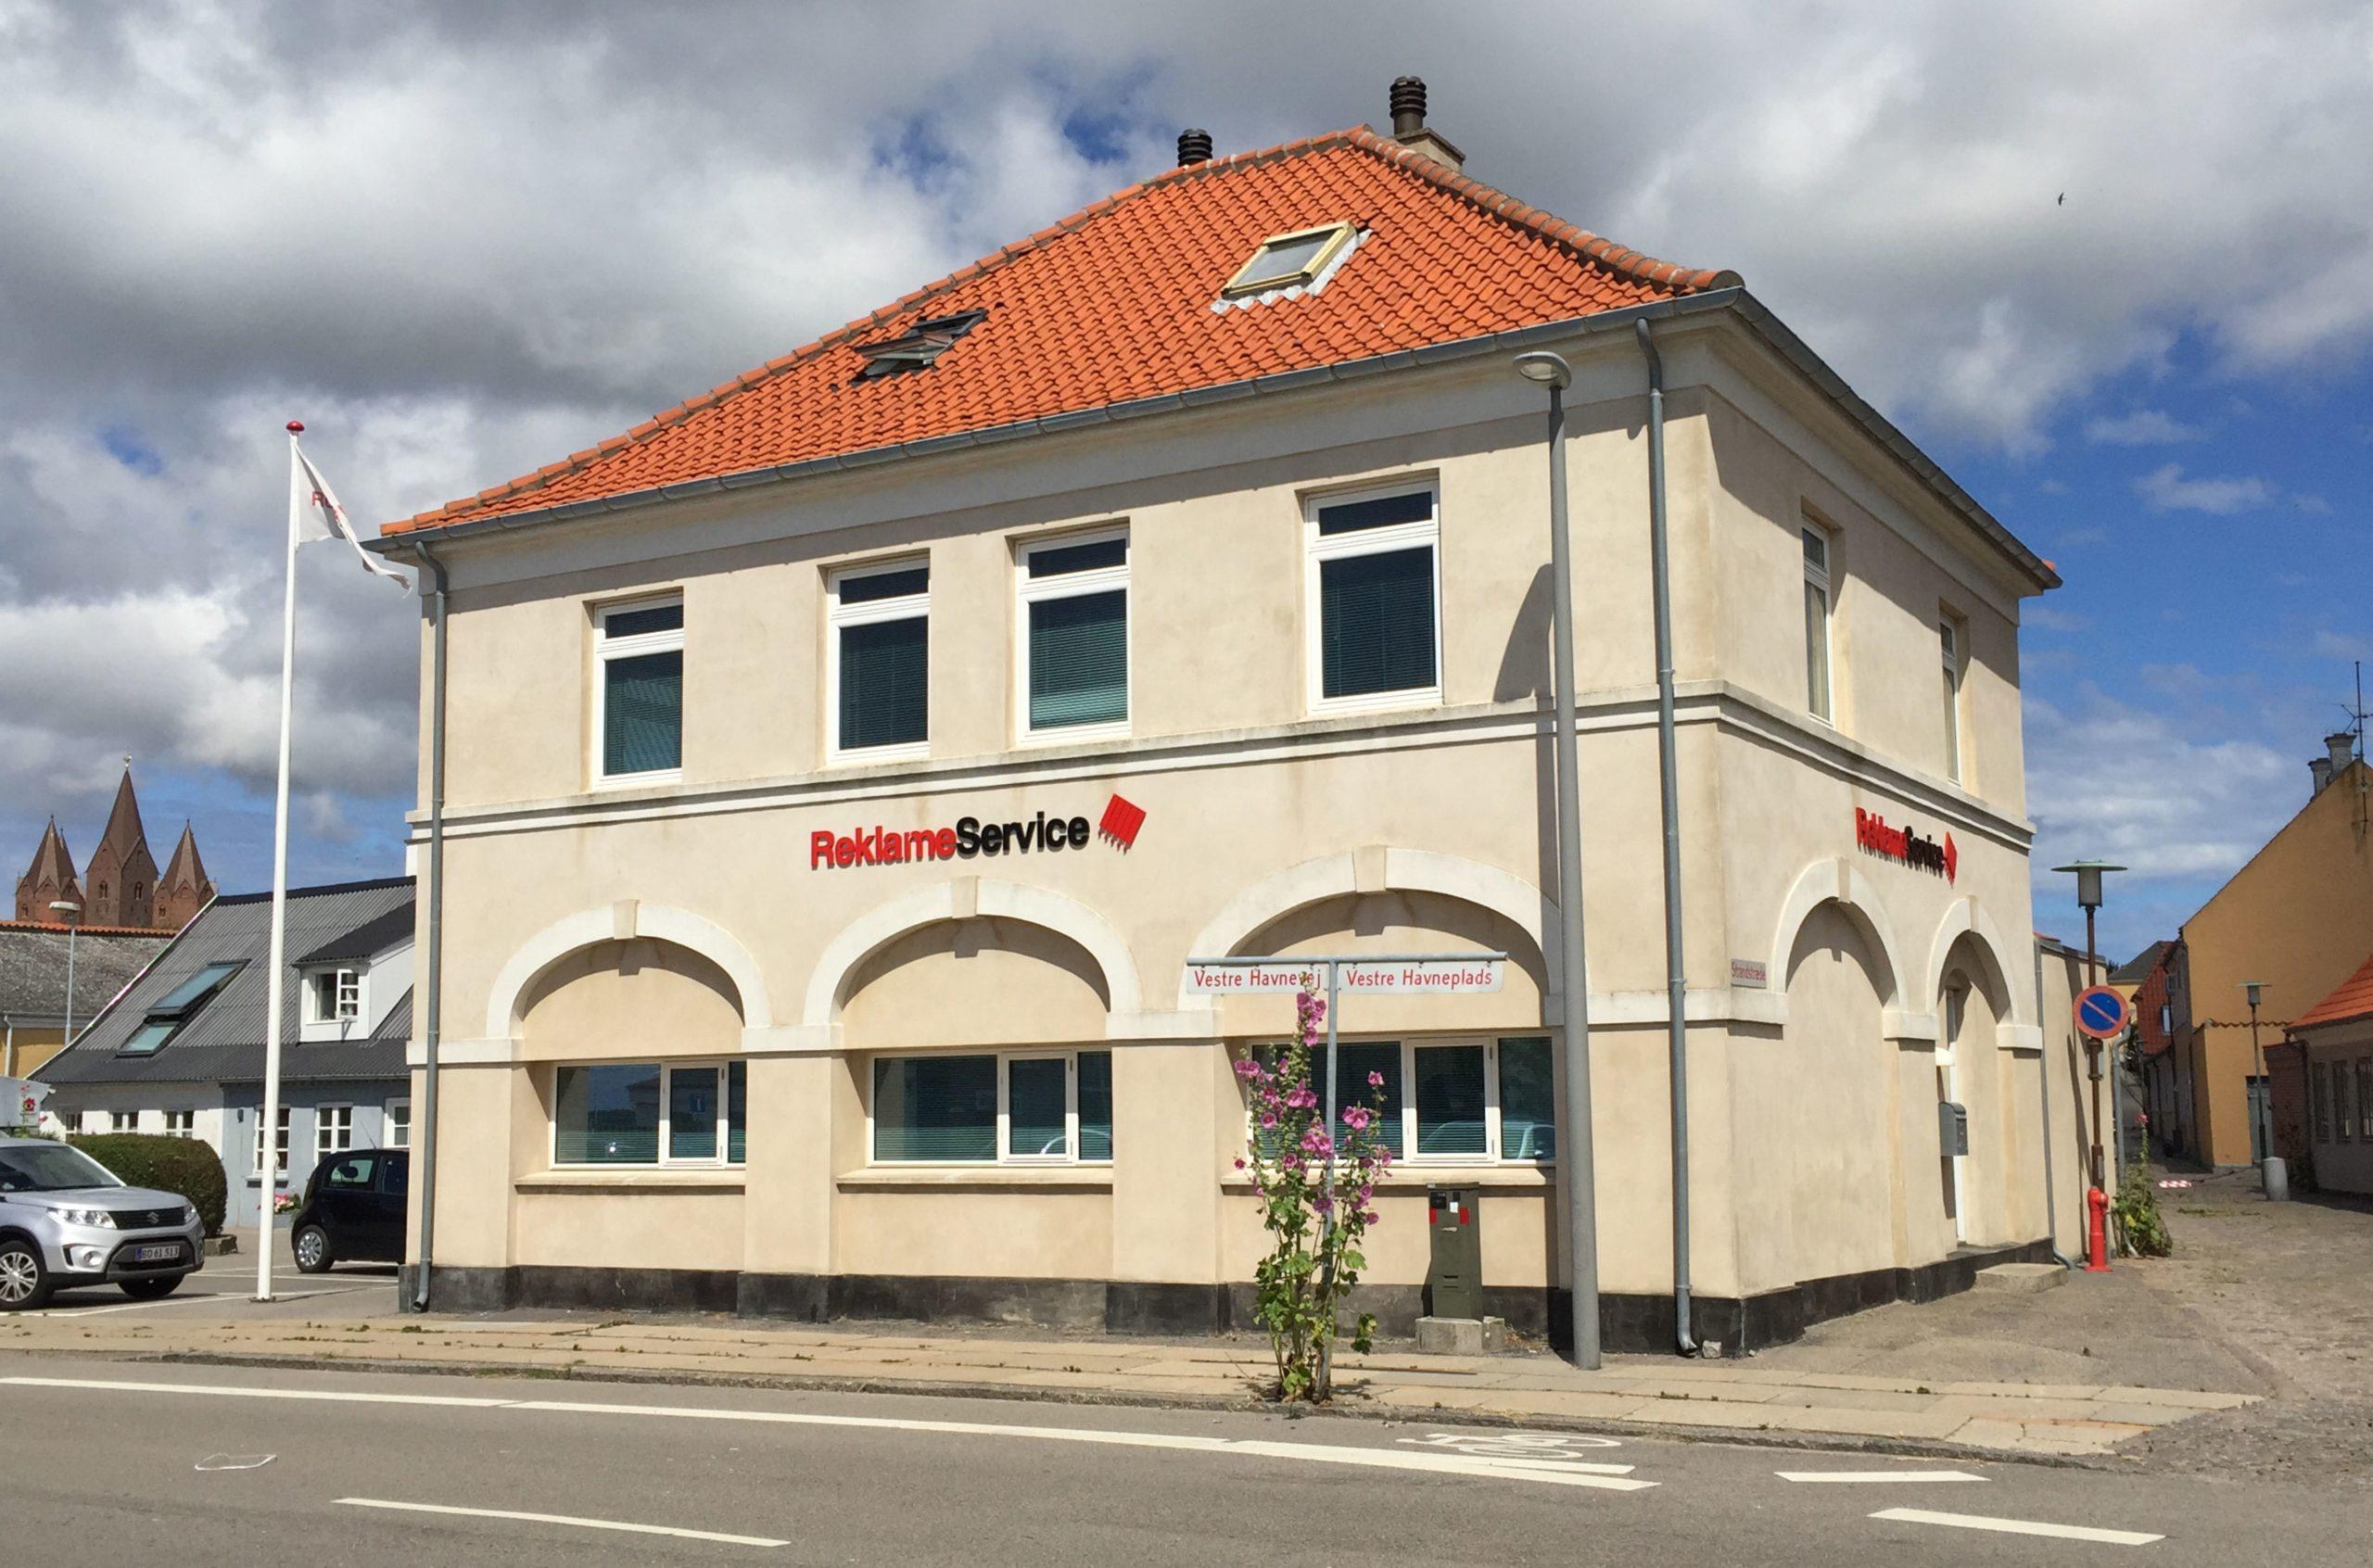 ReklameService facade